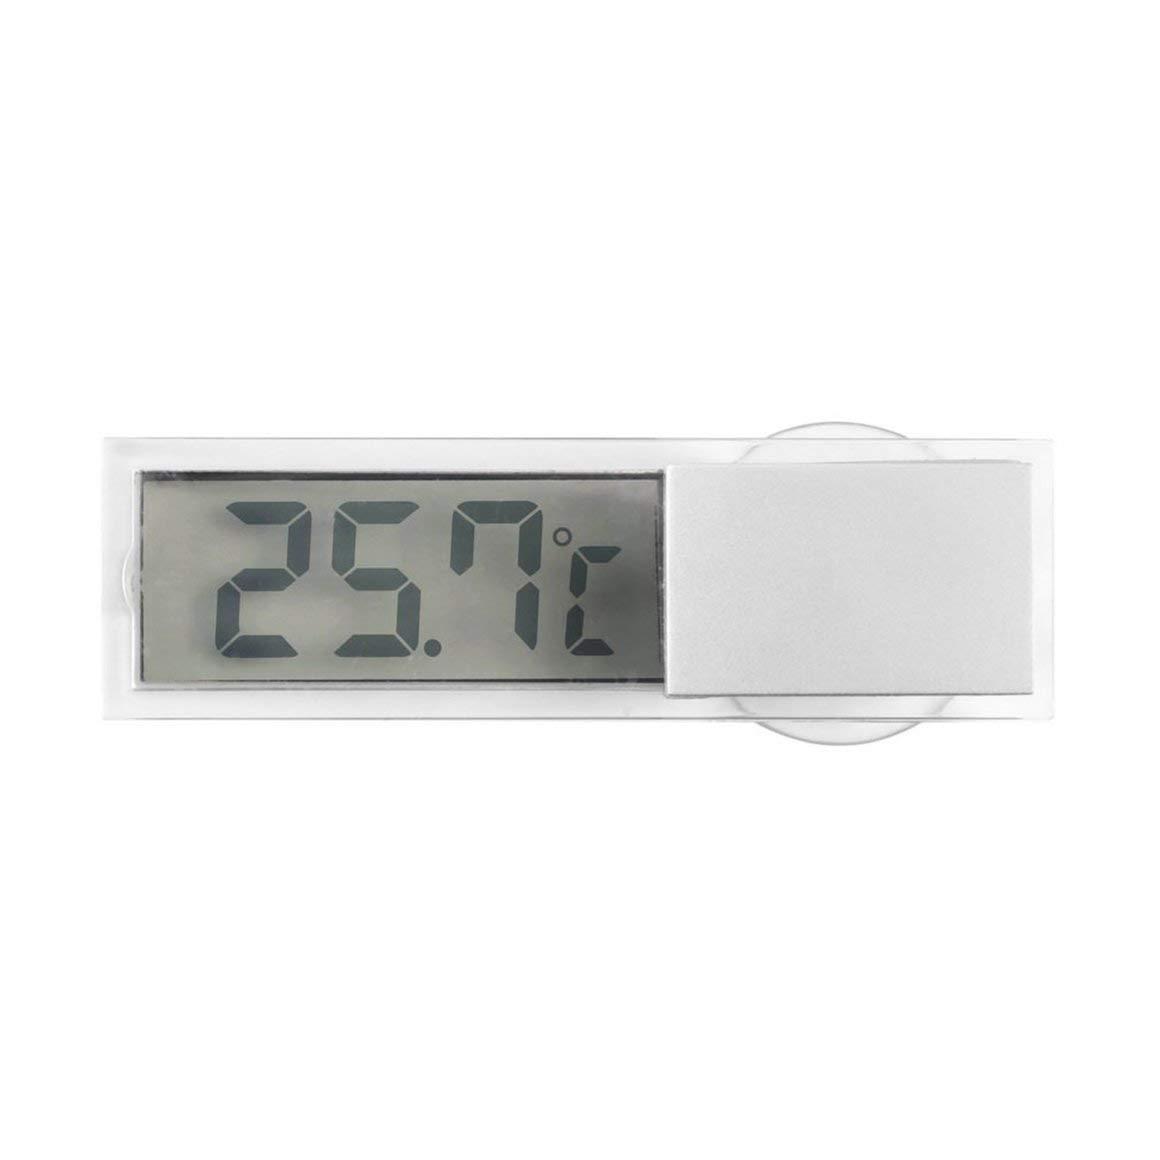 Funnyrunstore Pantalla LCD digital Parabrisas del coche Medidor de temperatura Succi/ón Veh/ículo Term/ómetro Autom/óvil Espejo retrovisor Term/ómetro transparente